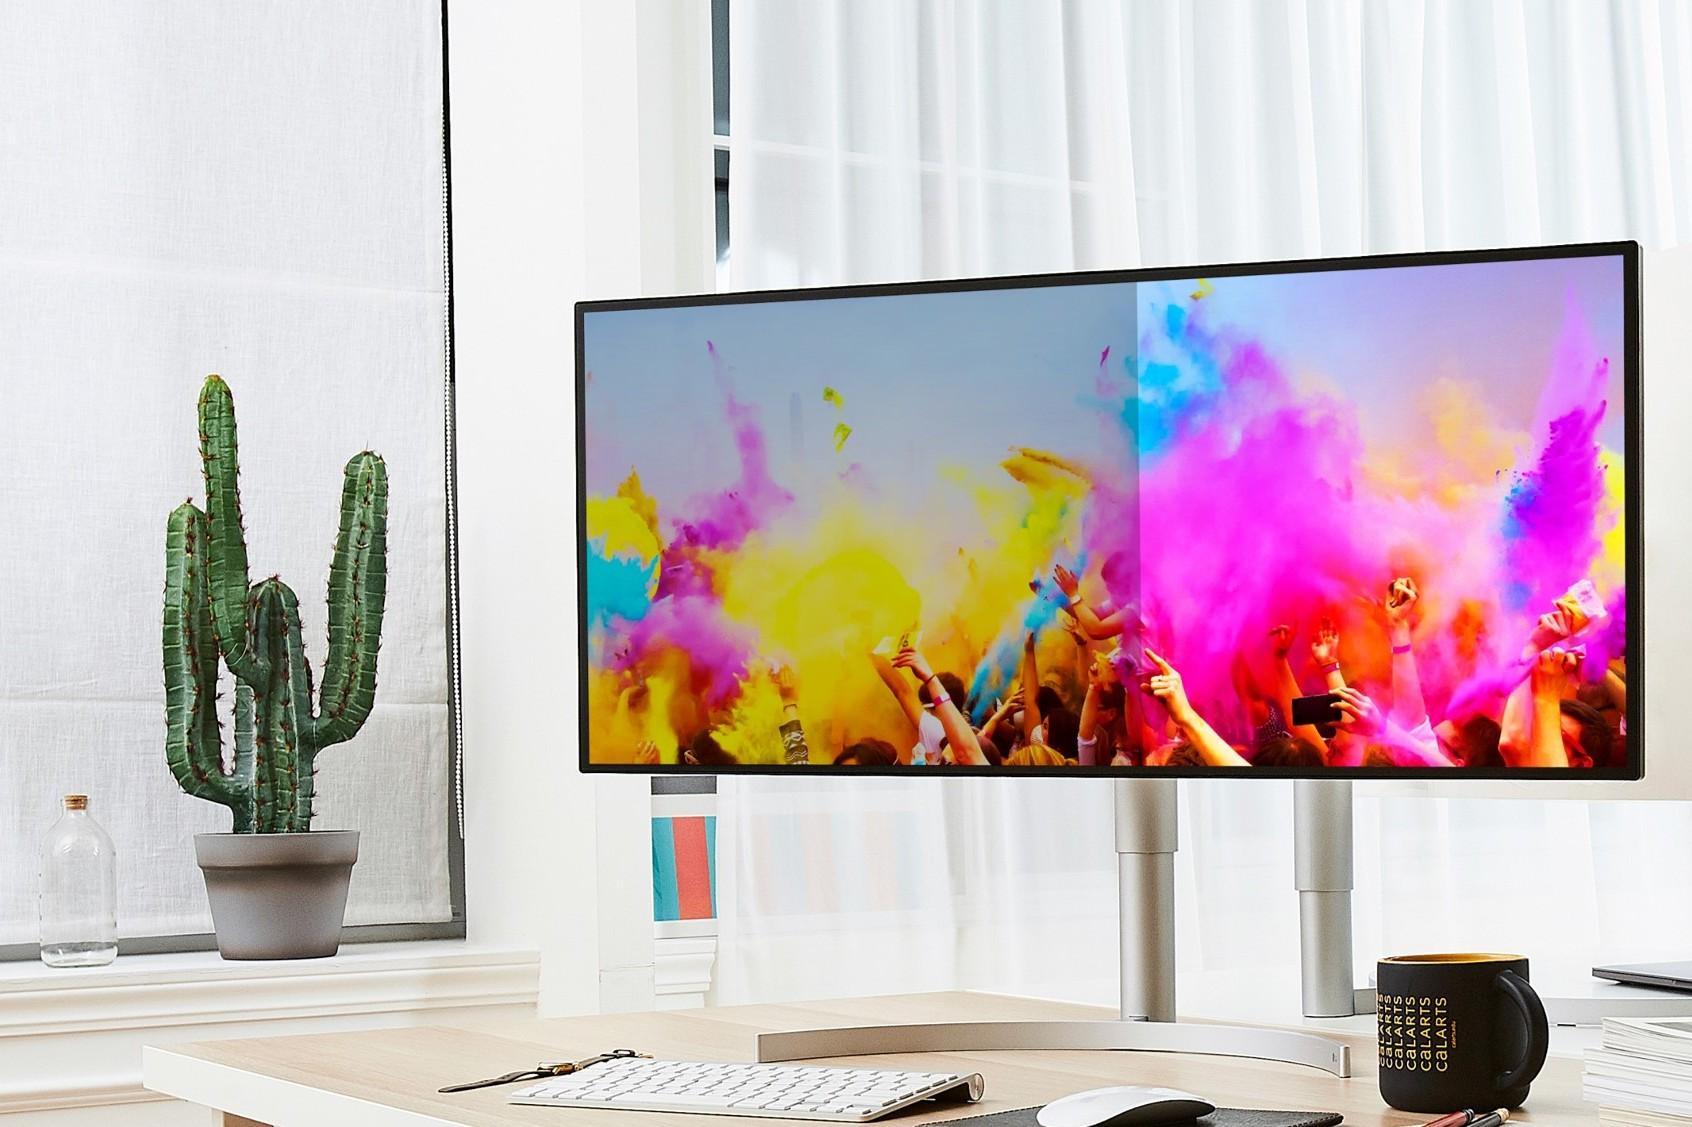 LG ra mắt loạt màn hình chuyên nghiệp UltraWide, UltraGear, GraphicDesign thế hệ 2019 tại Việt Nam